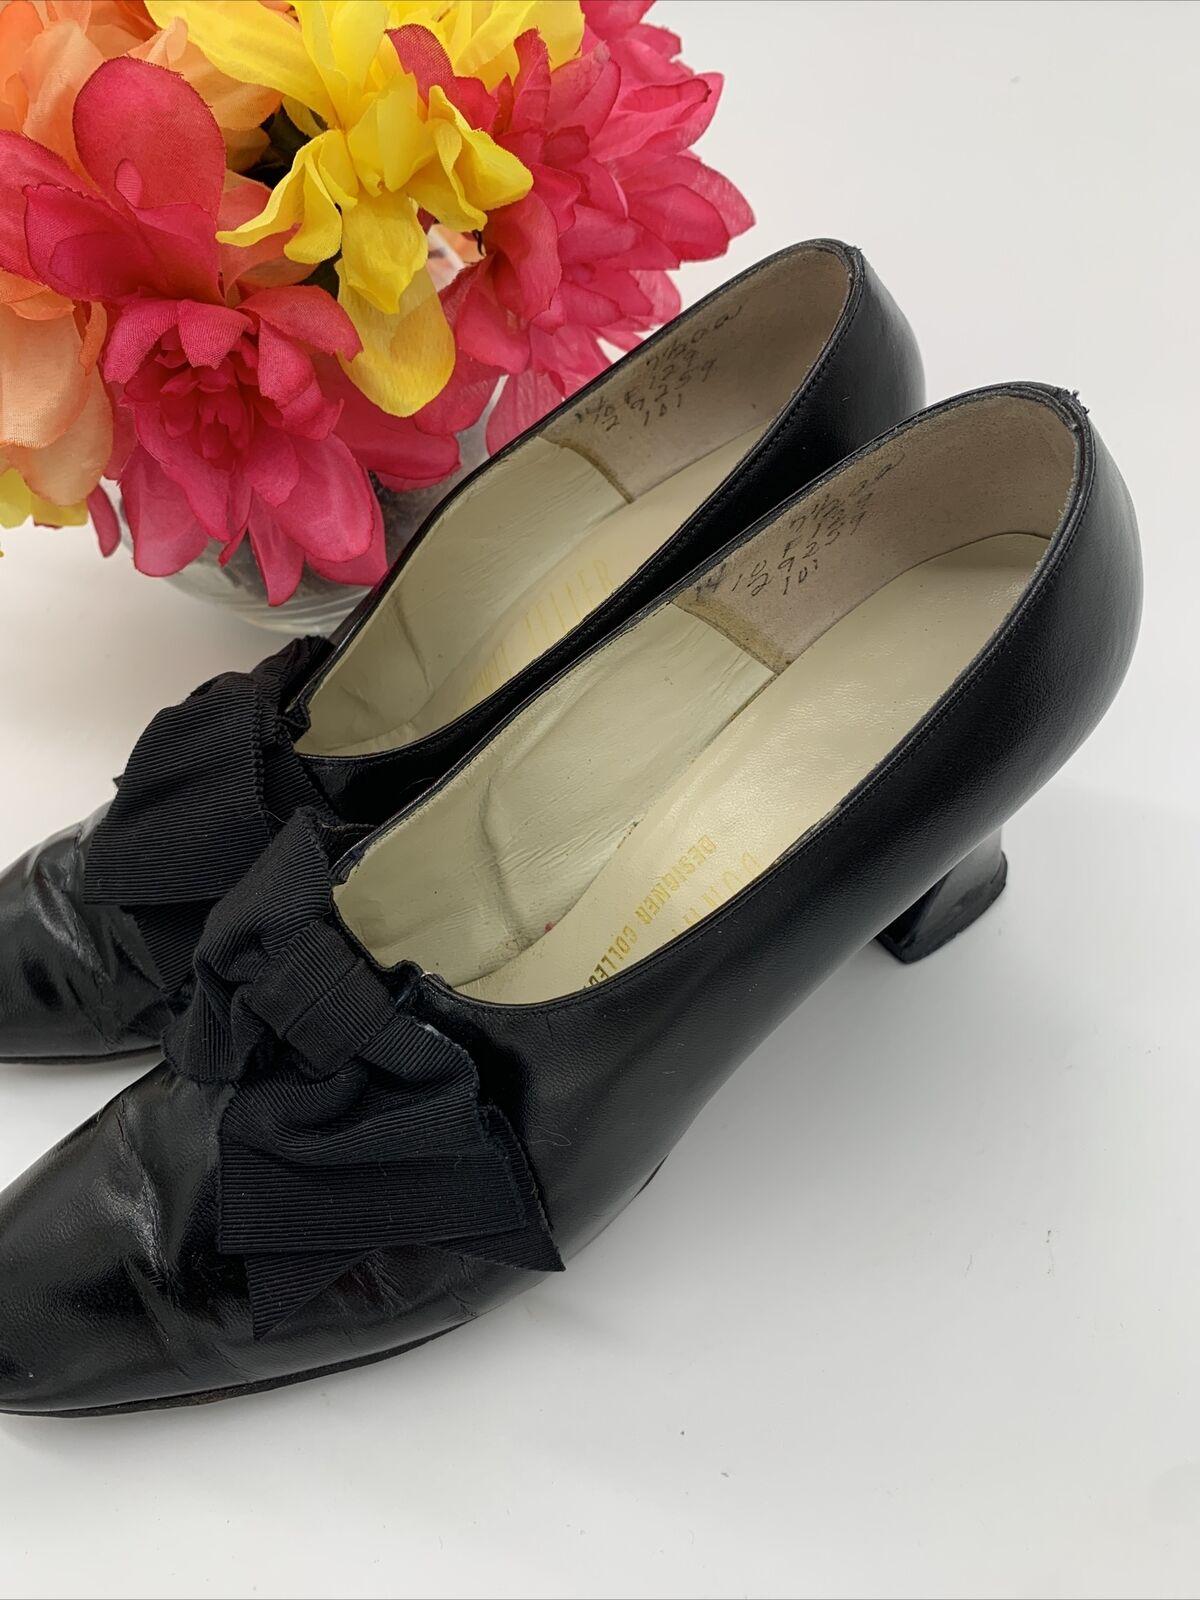 Antique Edwardian Bonwit Teller Black Leather Sho… - image 3